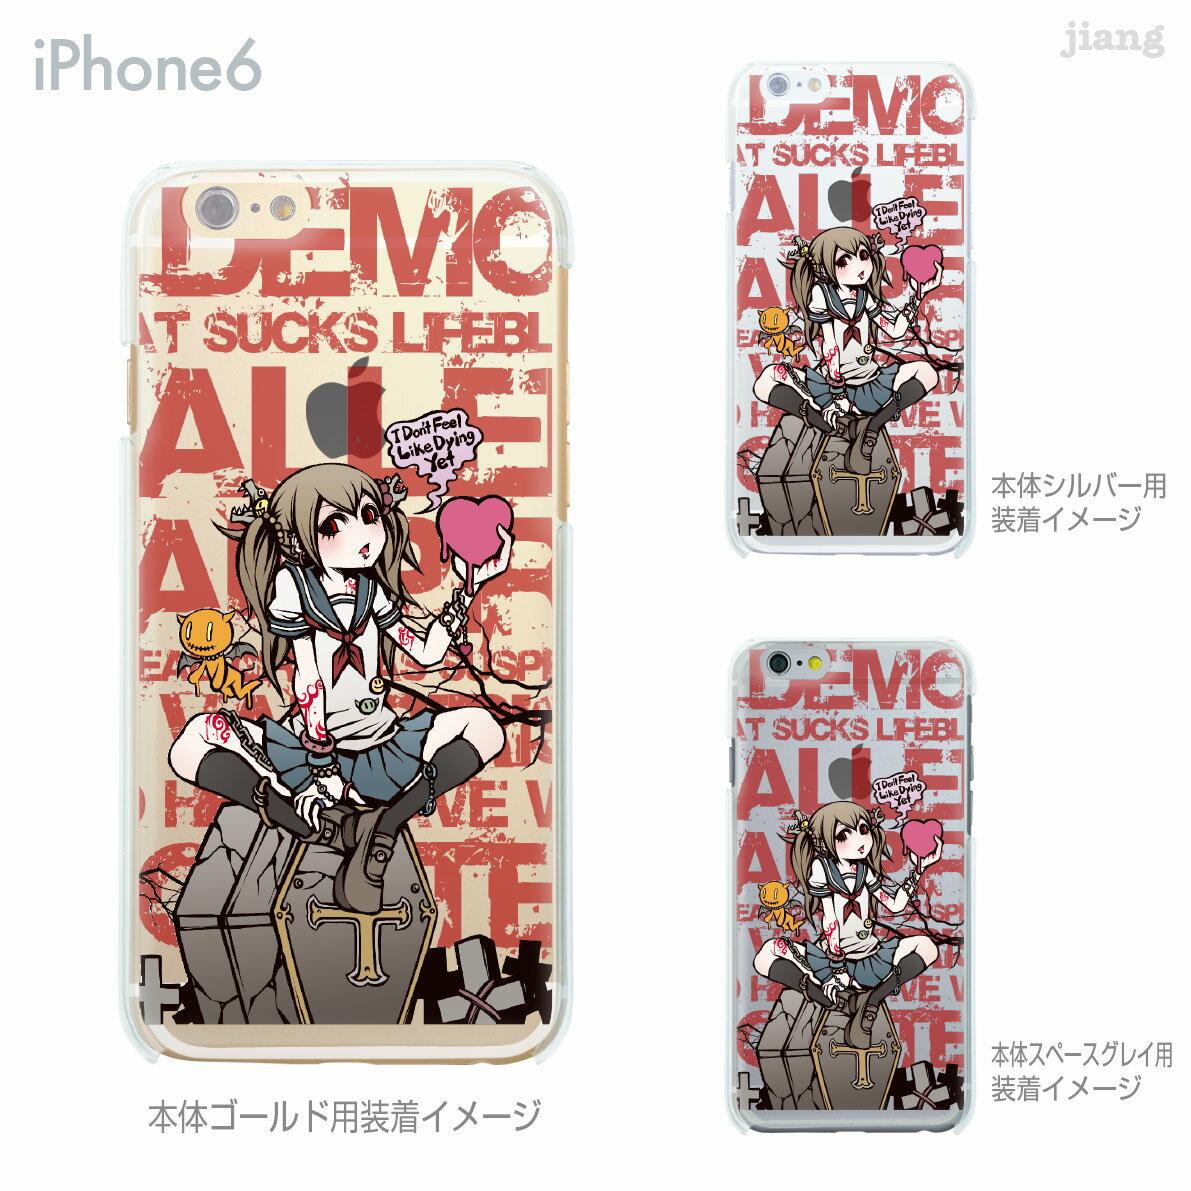 iPhoneX iPhone X ケース iPhone8 iPhone7ケース iPhone7 Plus iPhone6s iPhone6 Plus iphone ハードケース Clear Arts ケース カバー スマホケース クリアケース Project.C.K. ZOMBIE 11-ip6-ca0003-s